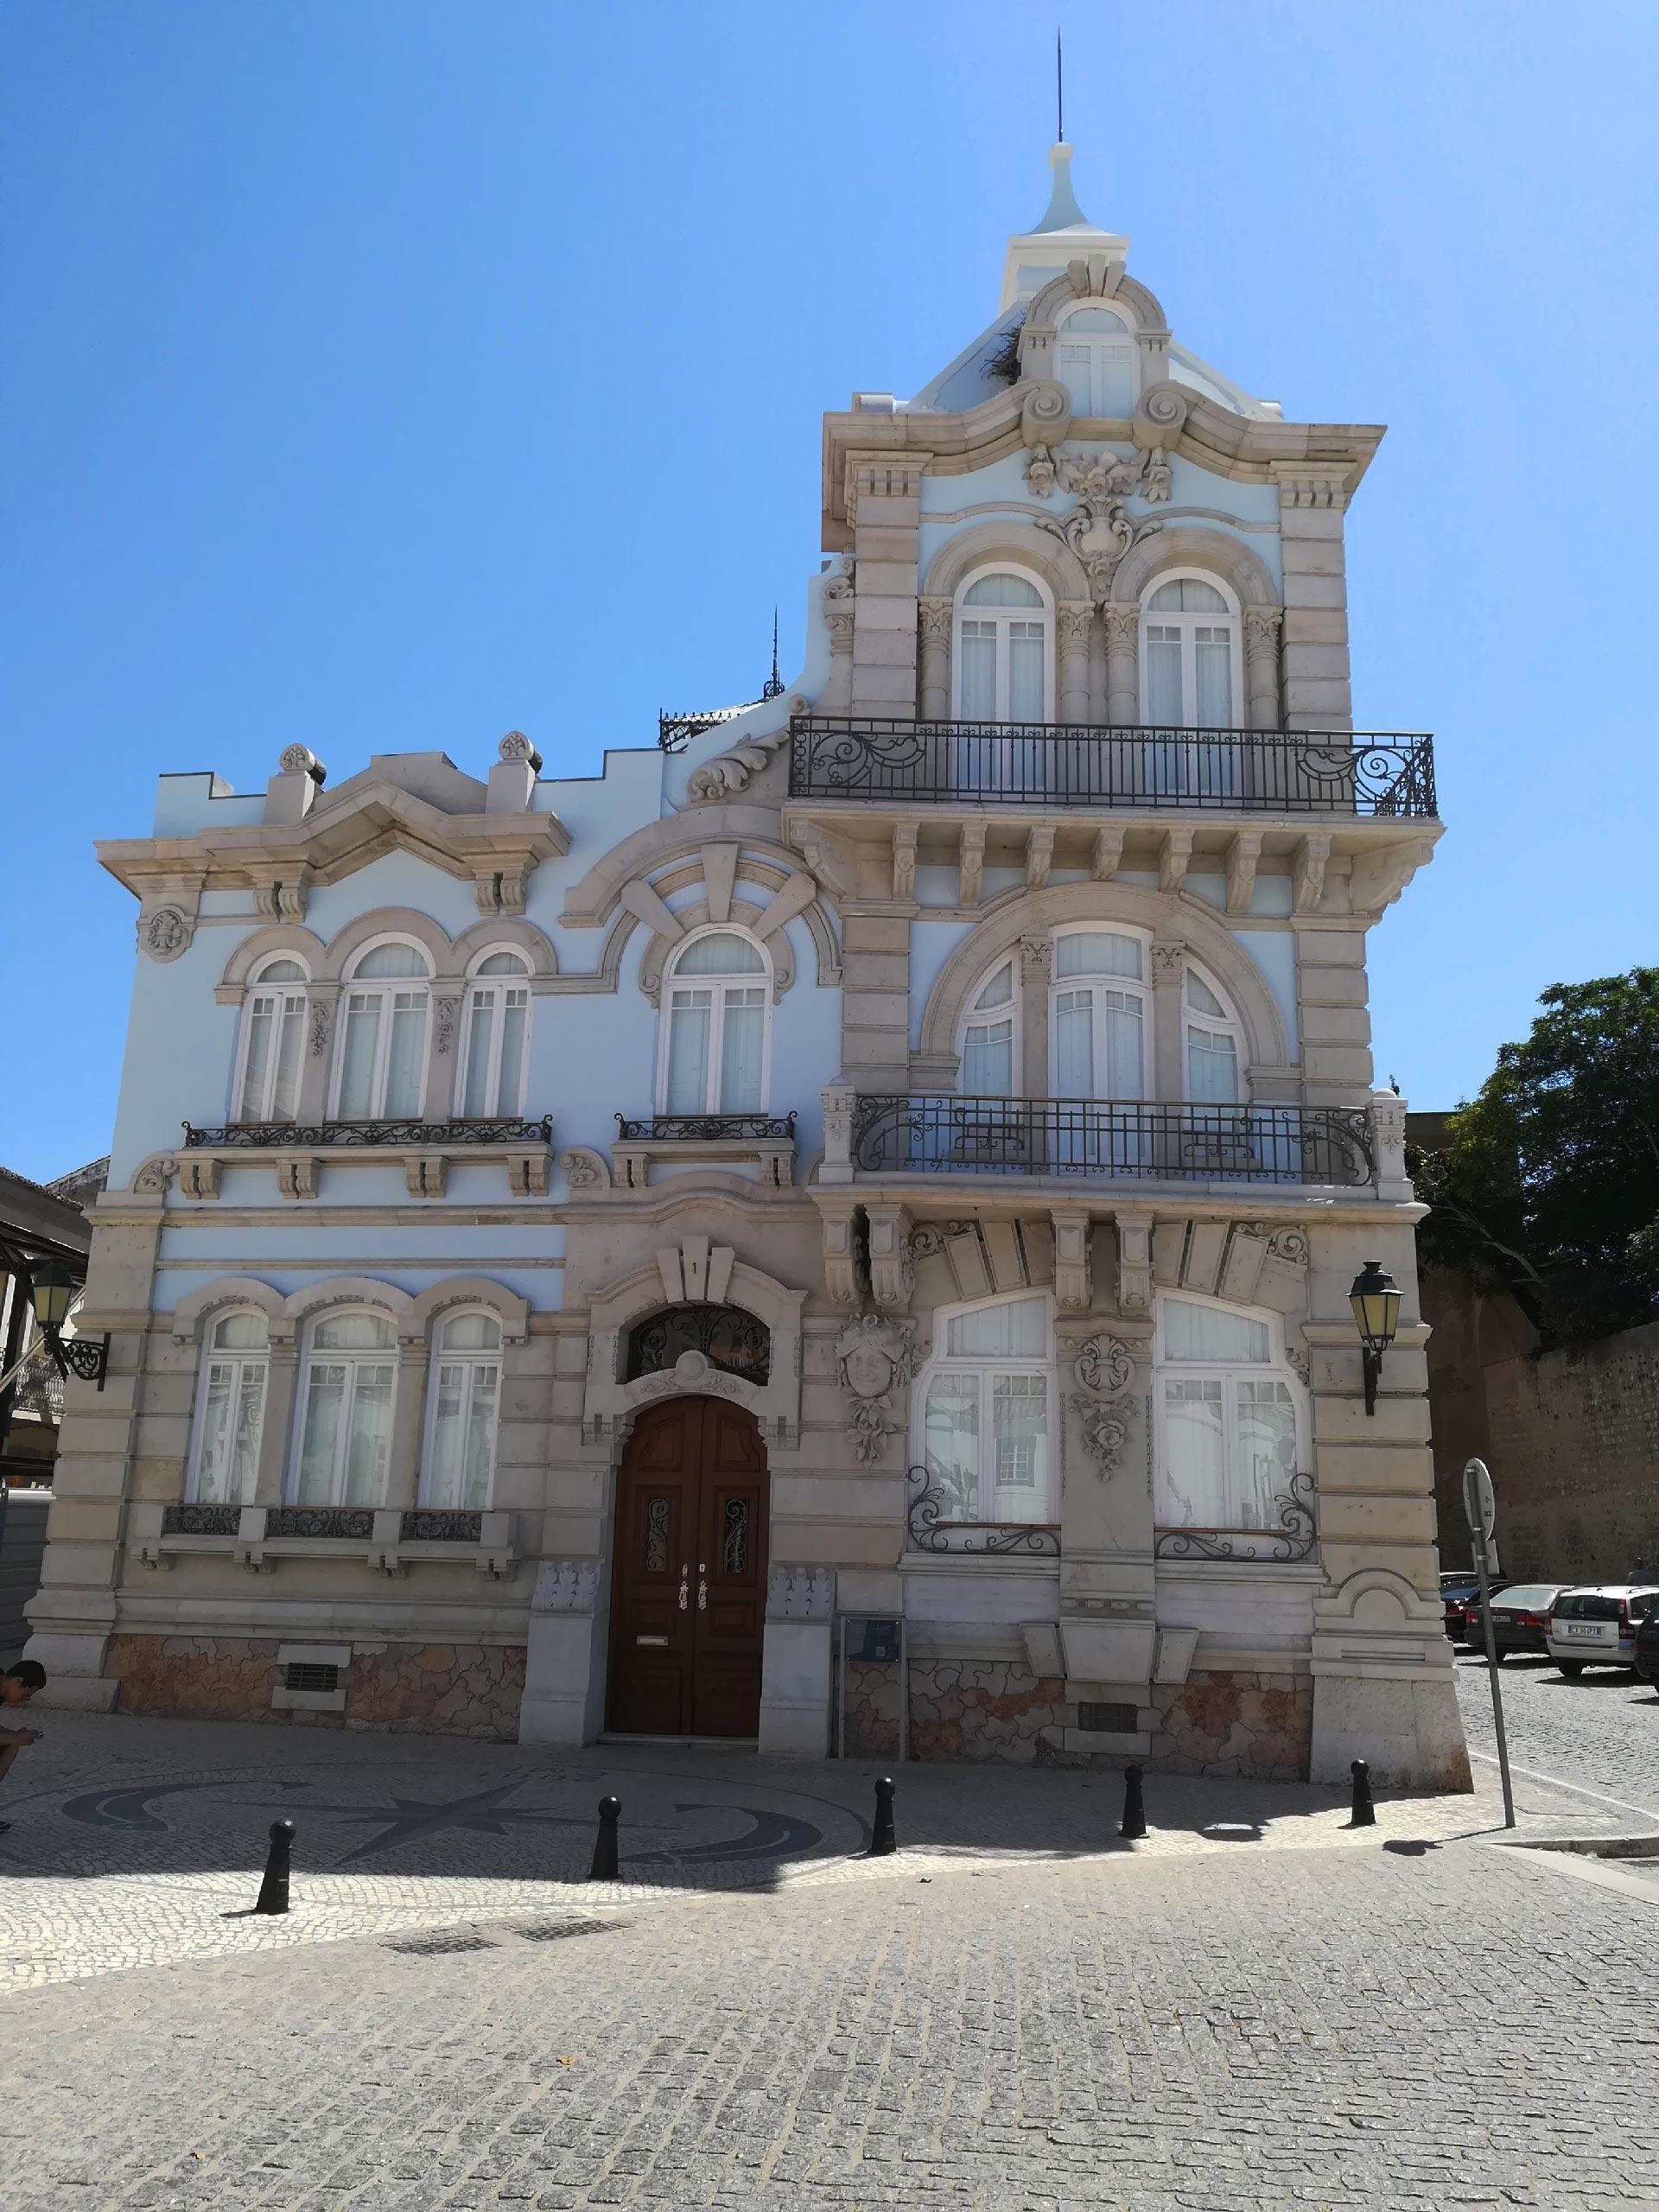 Un edificio in stile, Faro, Algarve, Portogallo